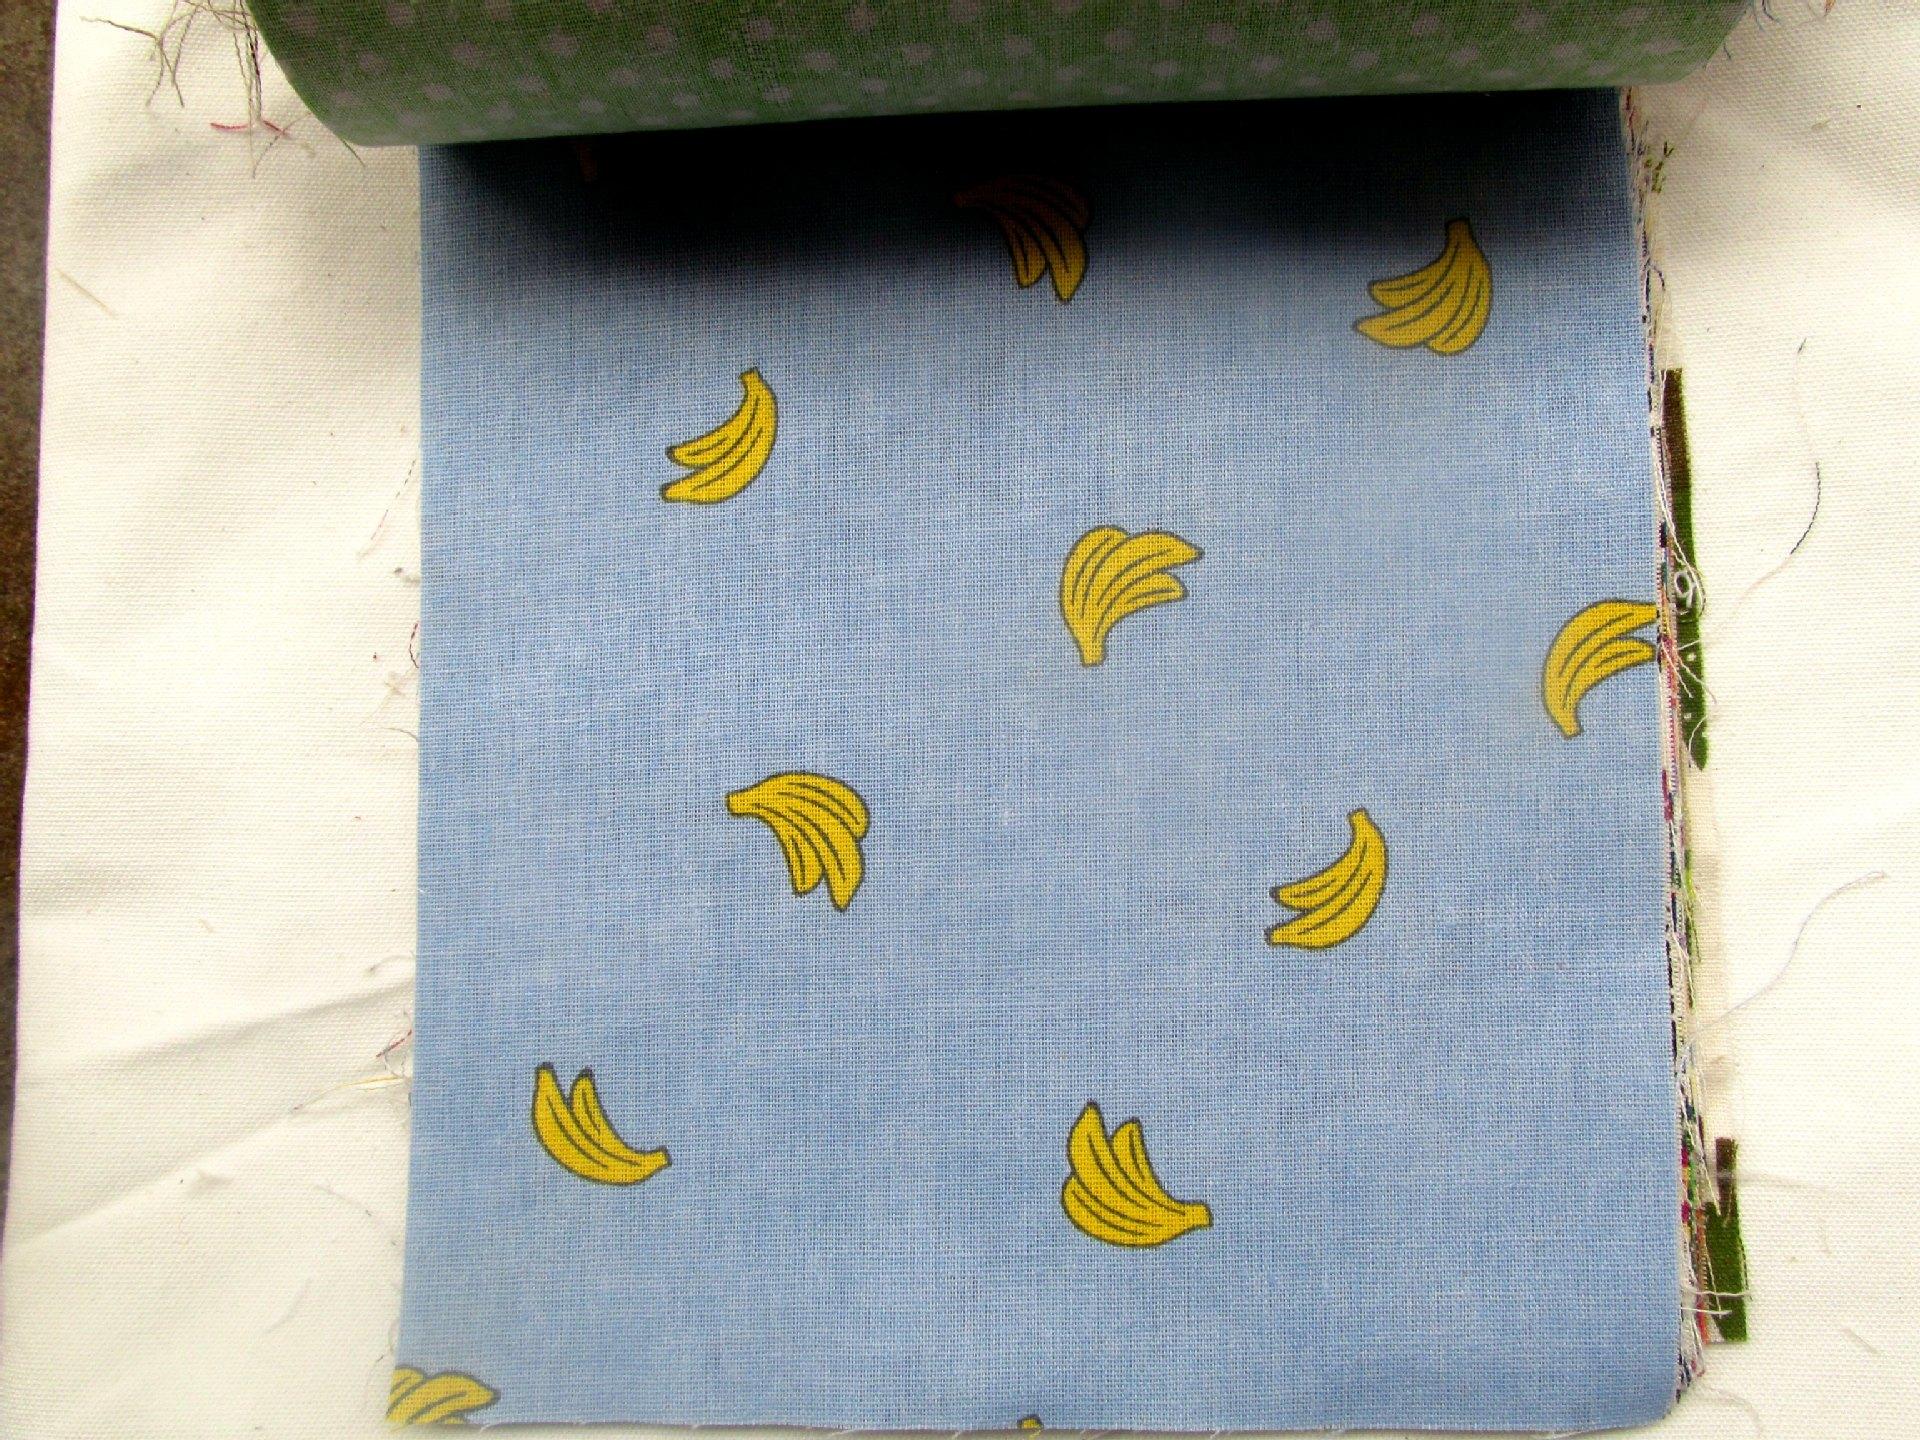 Vải lanh, vải lanh, in vải, in vải, làm bằng tay, dệt may nhà, in vải